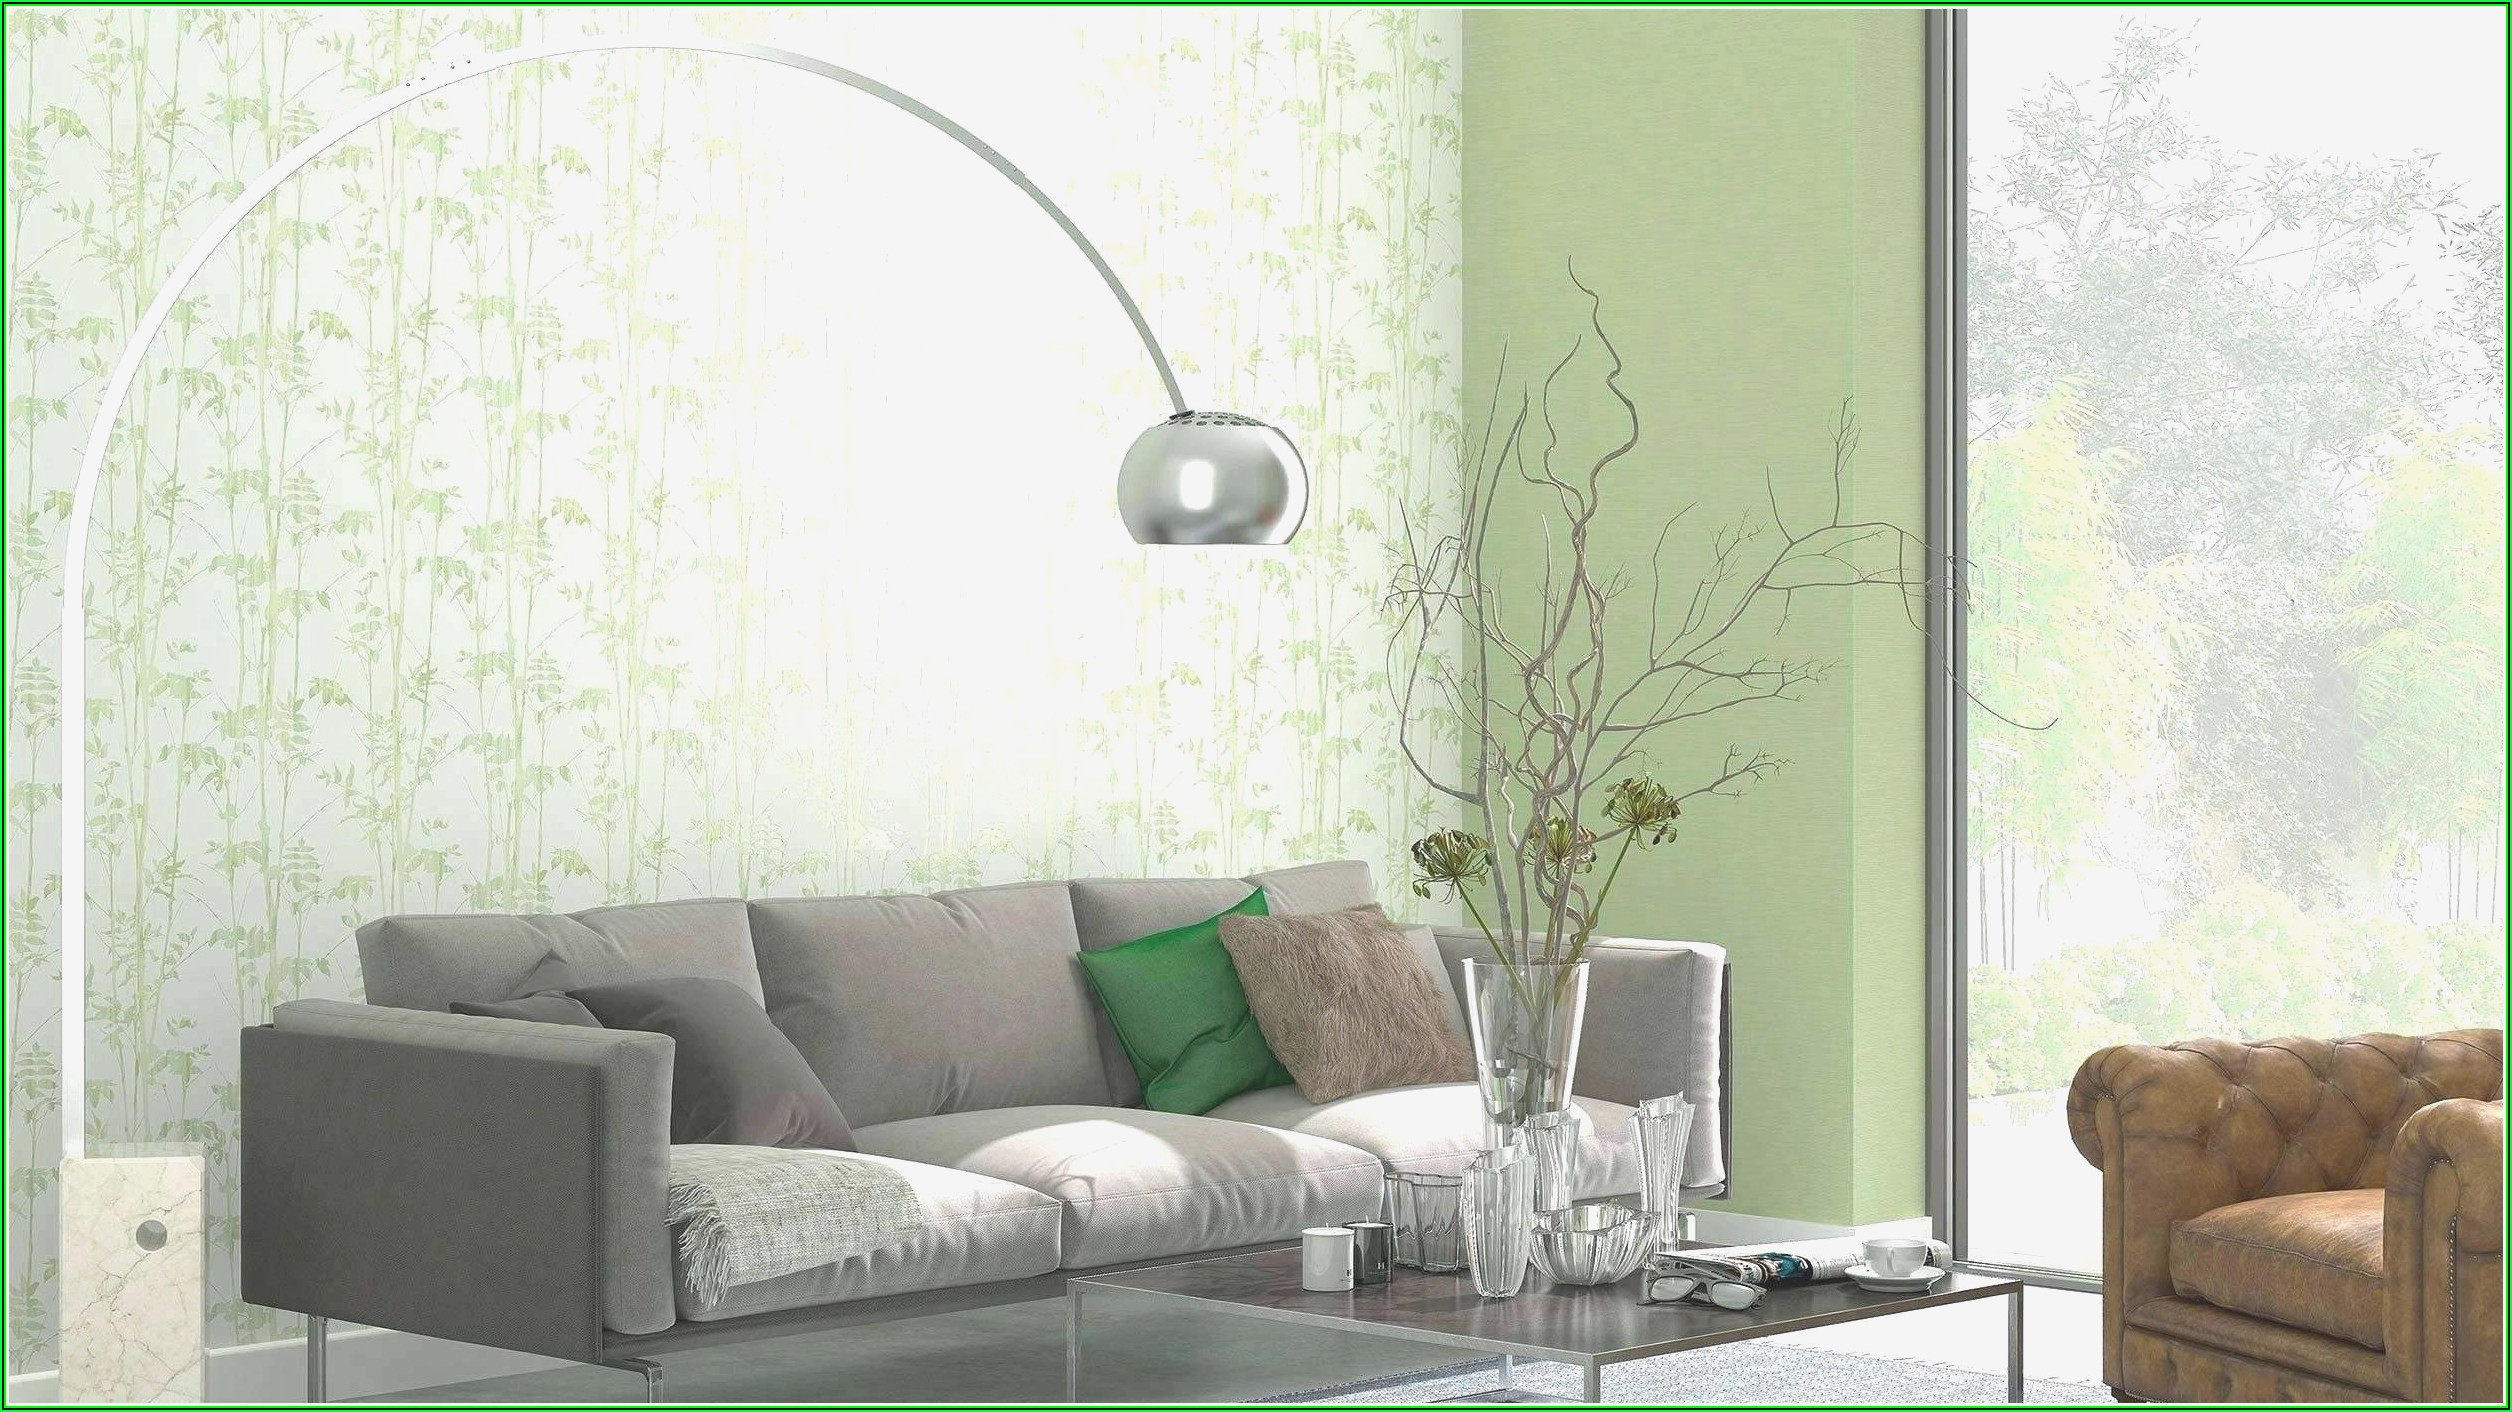 Deko Ideen Wohnzimmer Wand